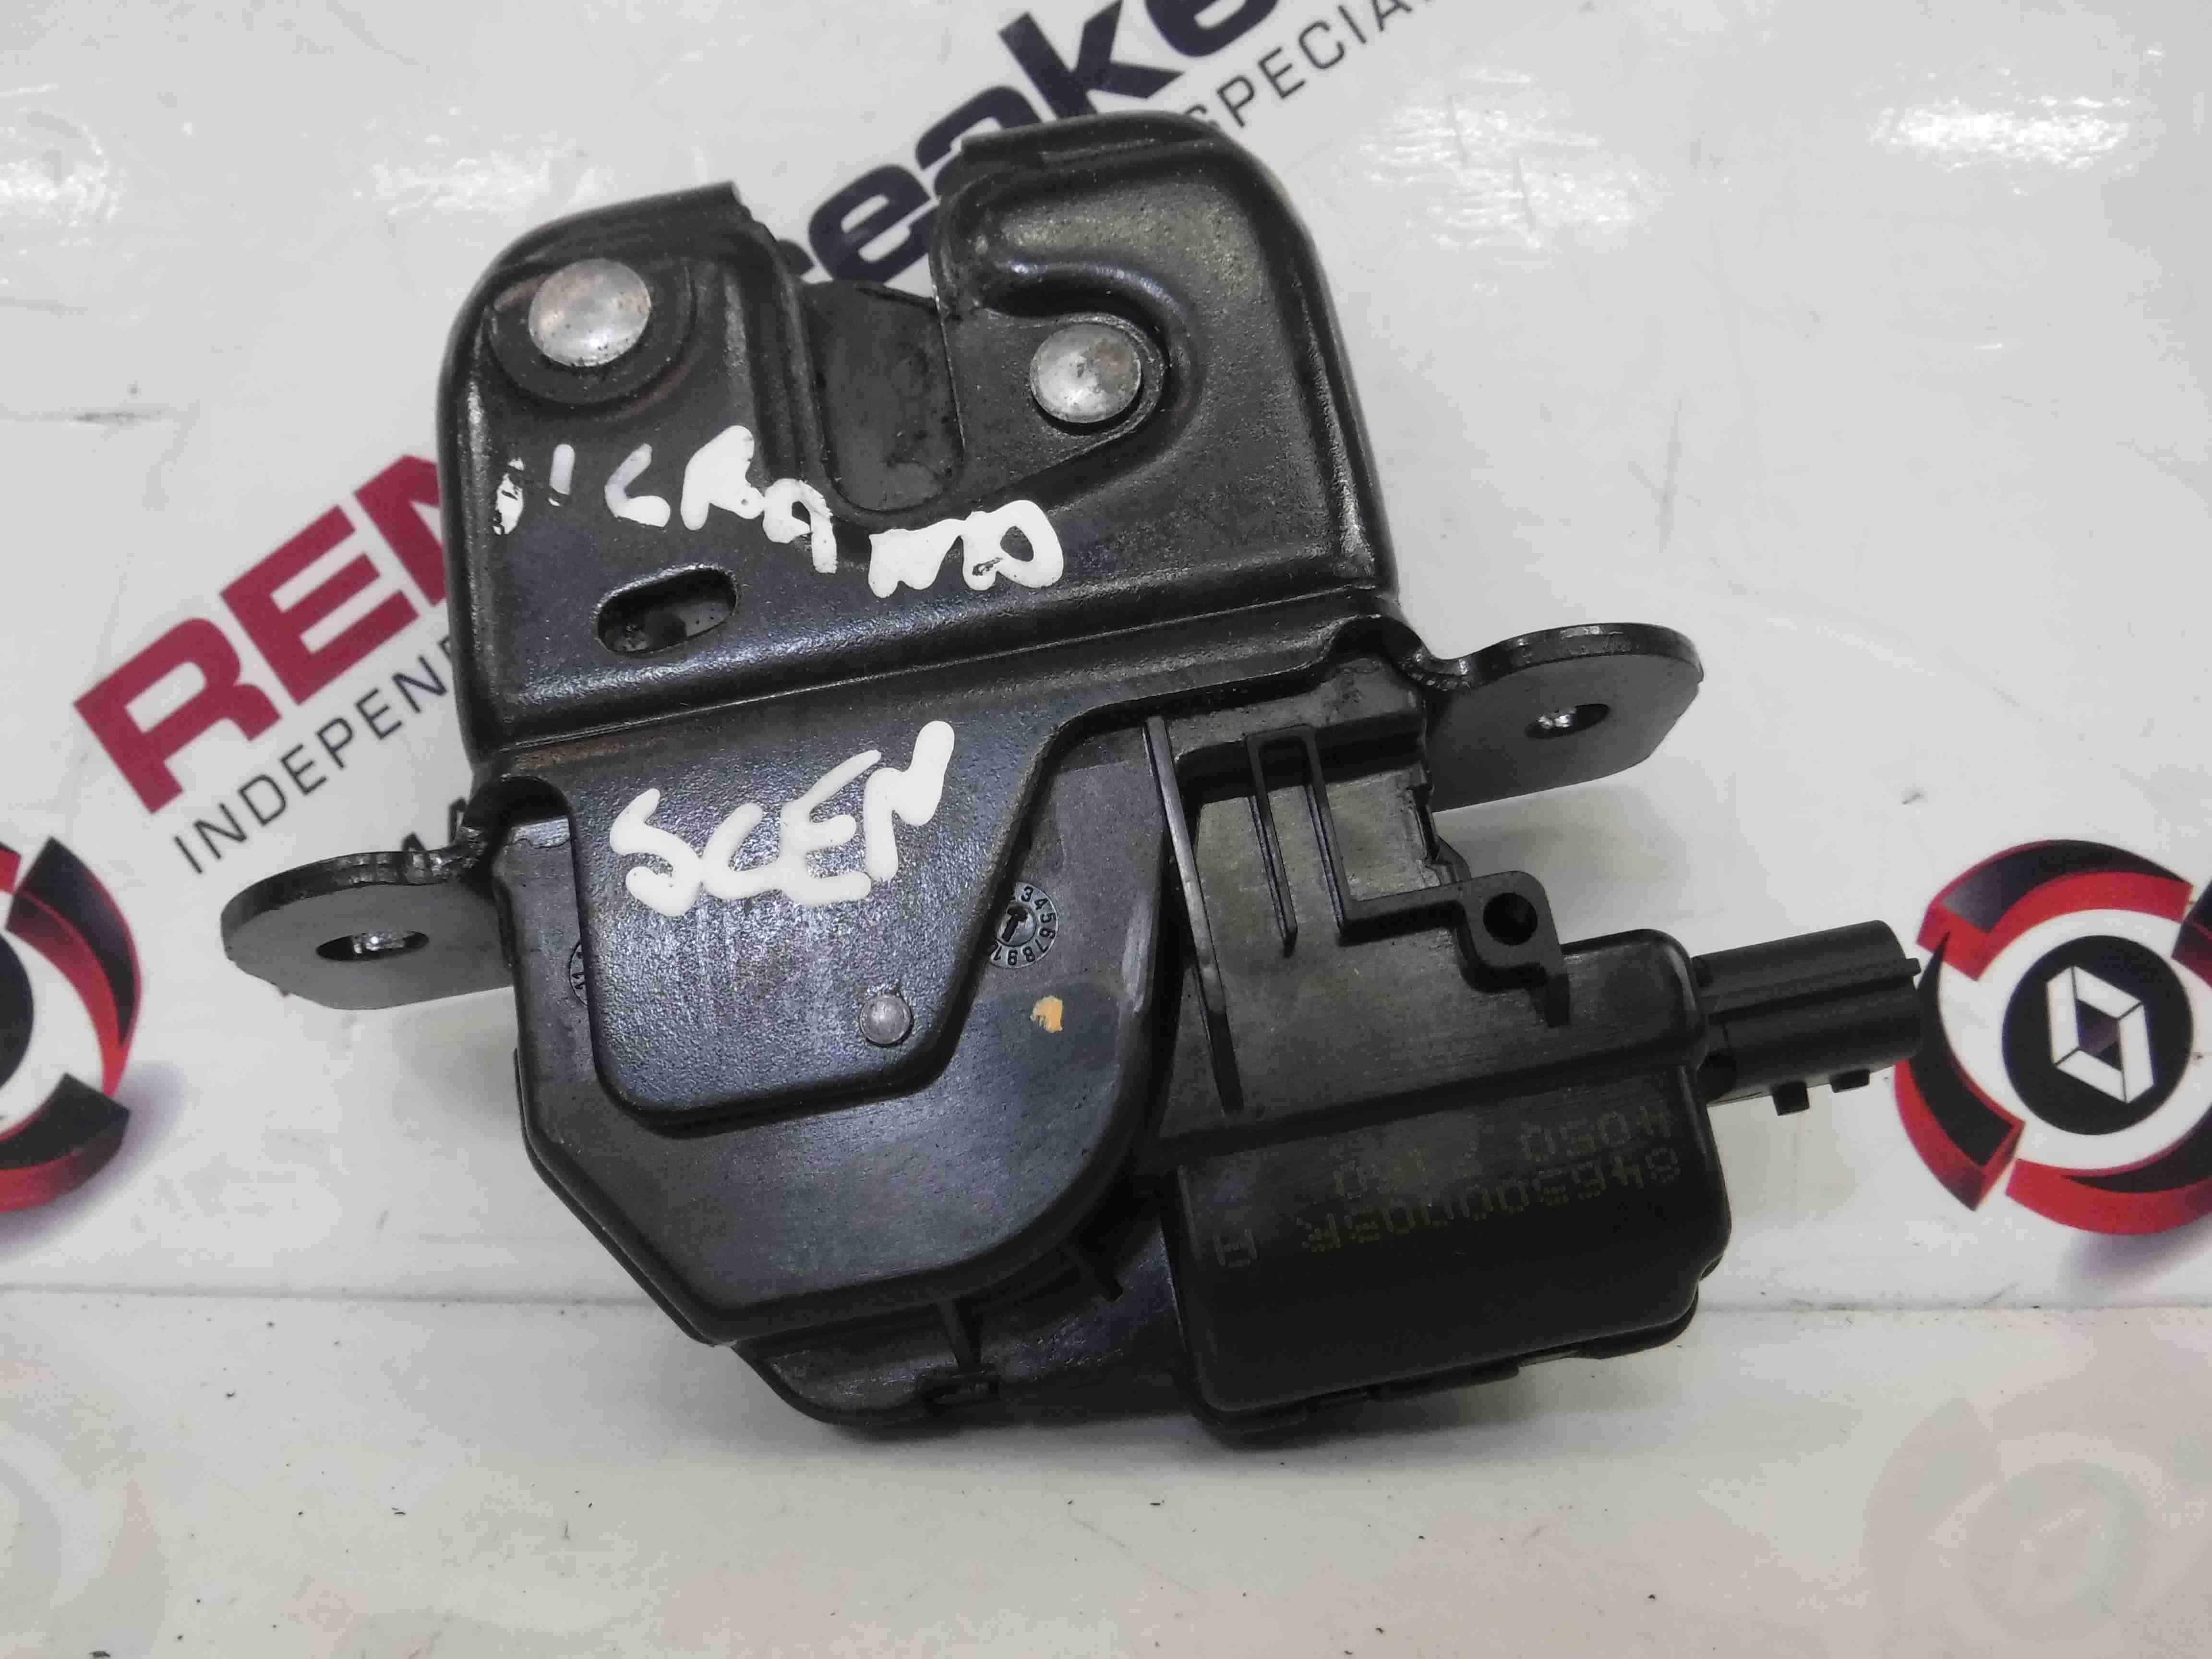 Renault Grand Scenic MK3 2009-2016 Boot Lock Mechanism 846300003R